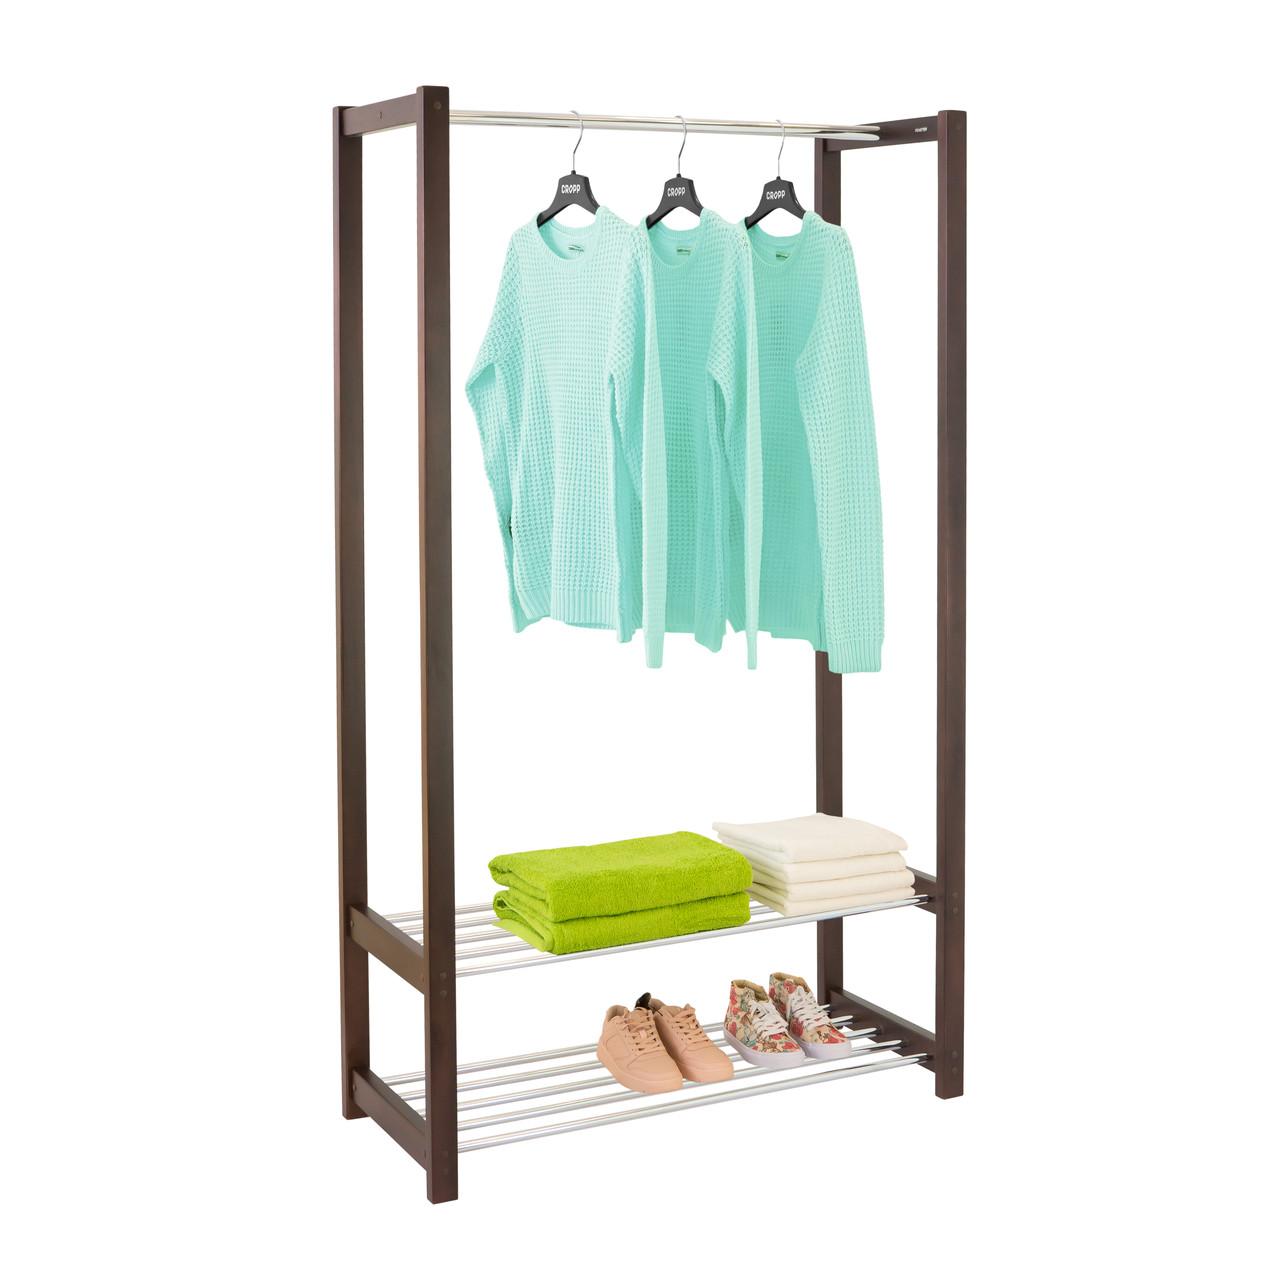 один день вешалки гардеробные напольные для одежды фото челка